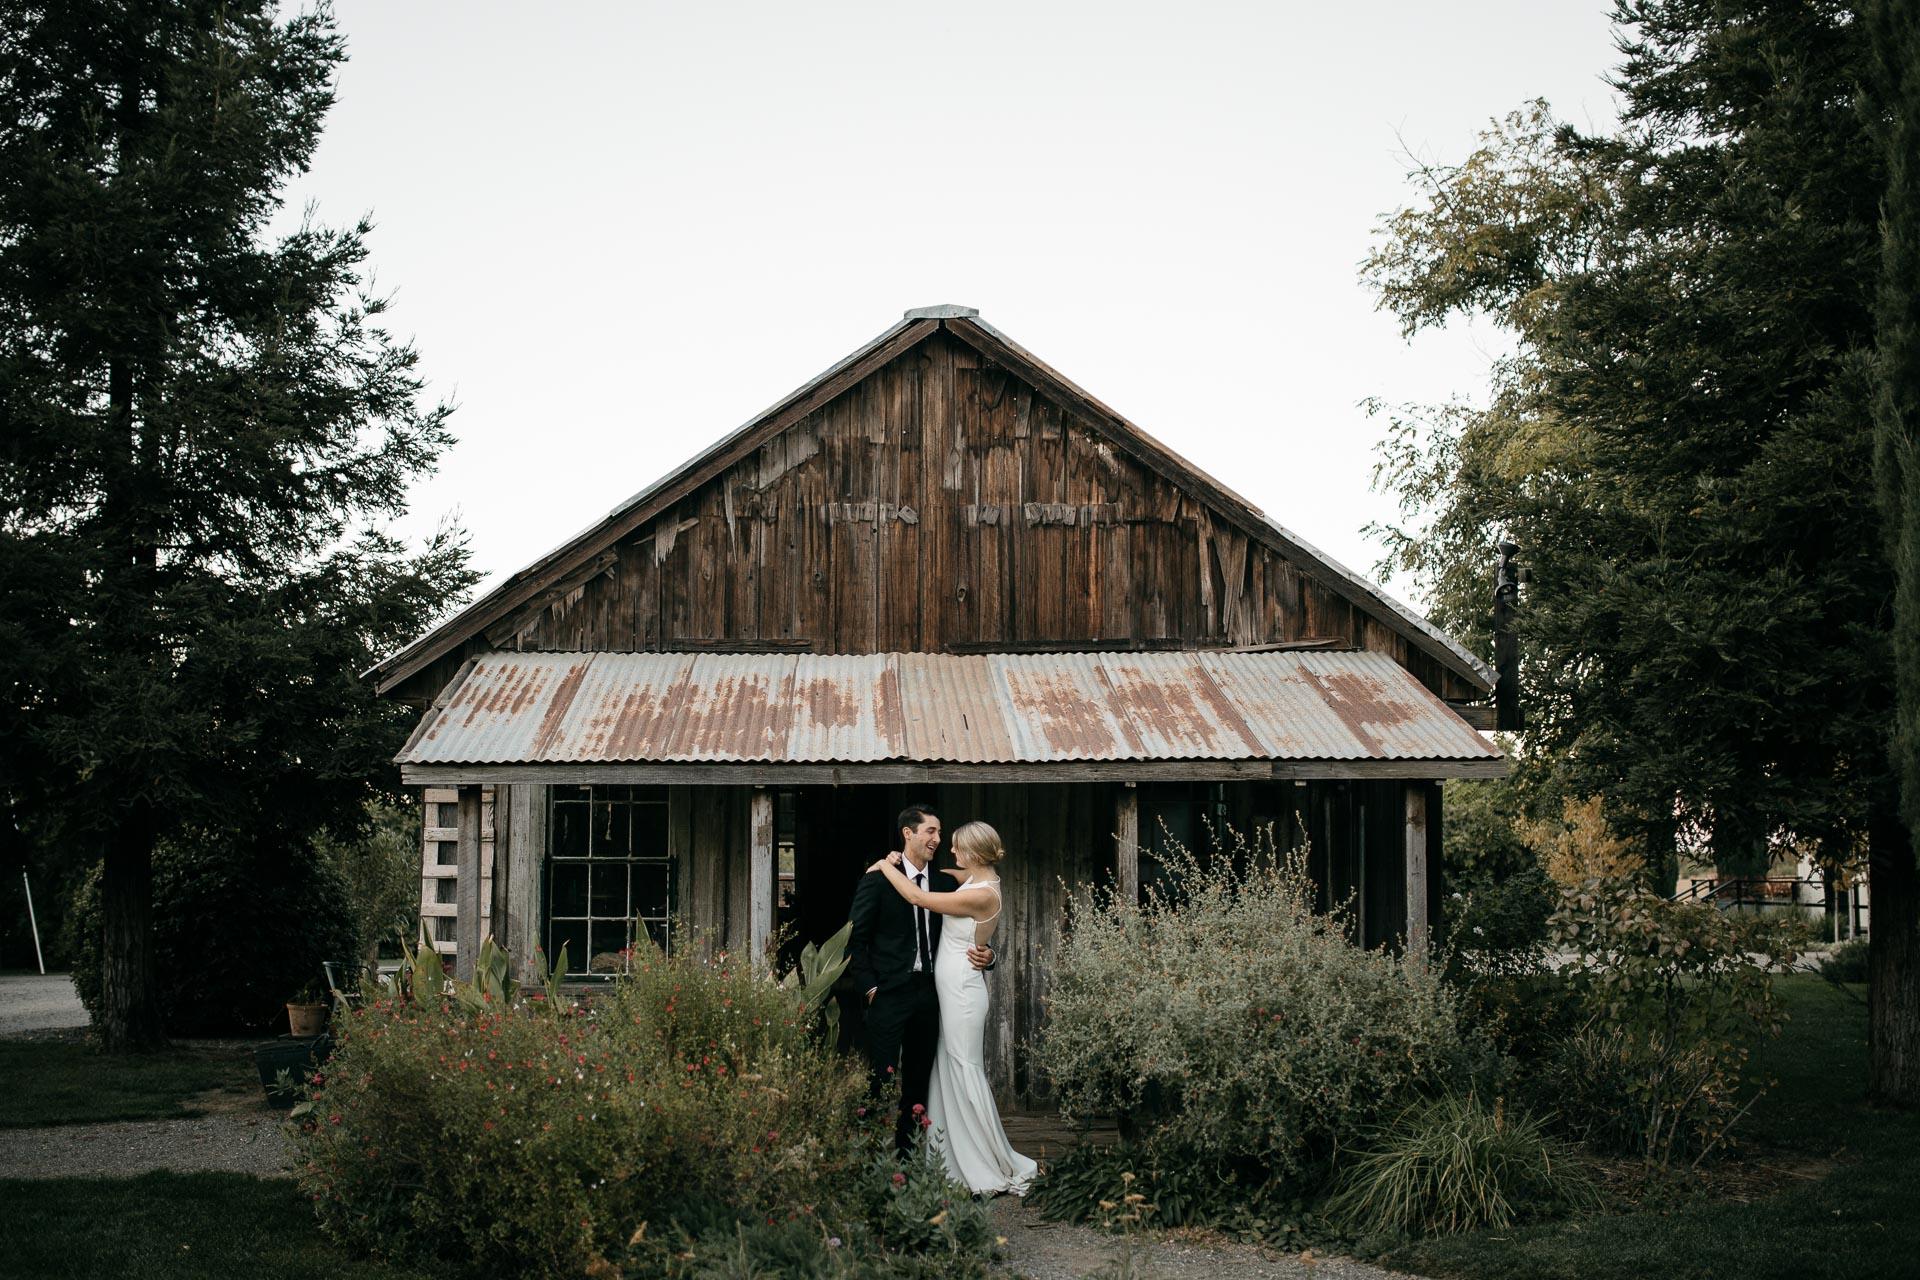 lauren_graham_wedding_california_park_winters_jeanlaurentgaudy_001-8